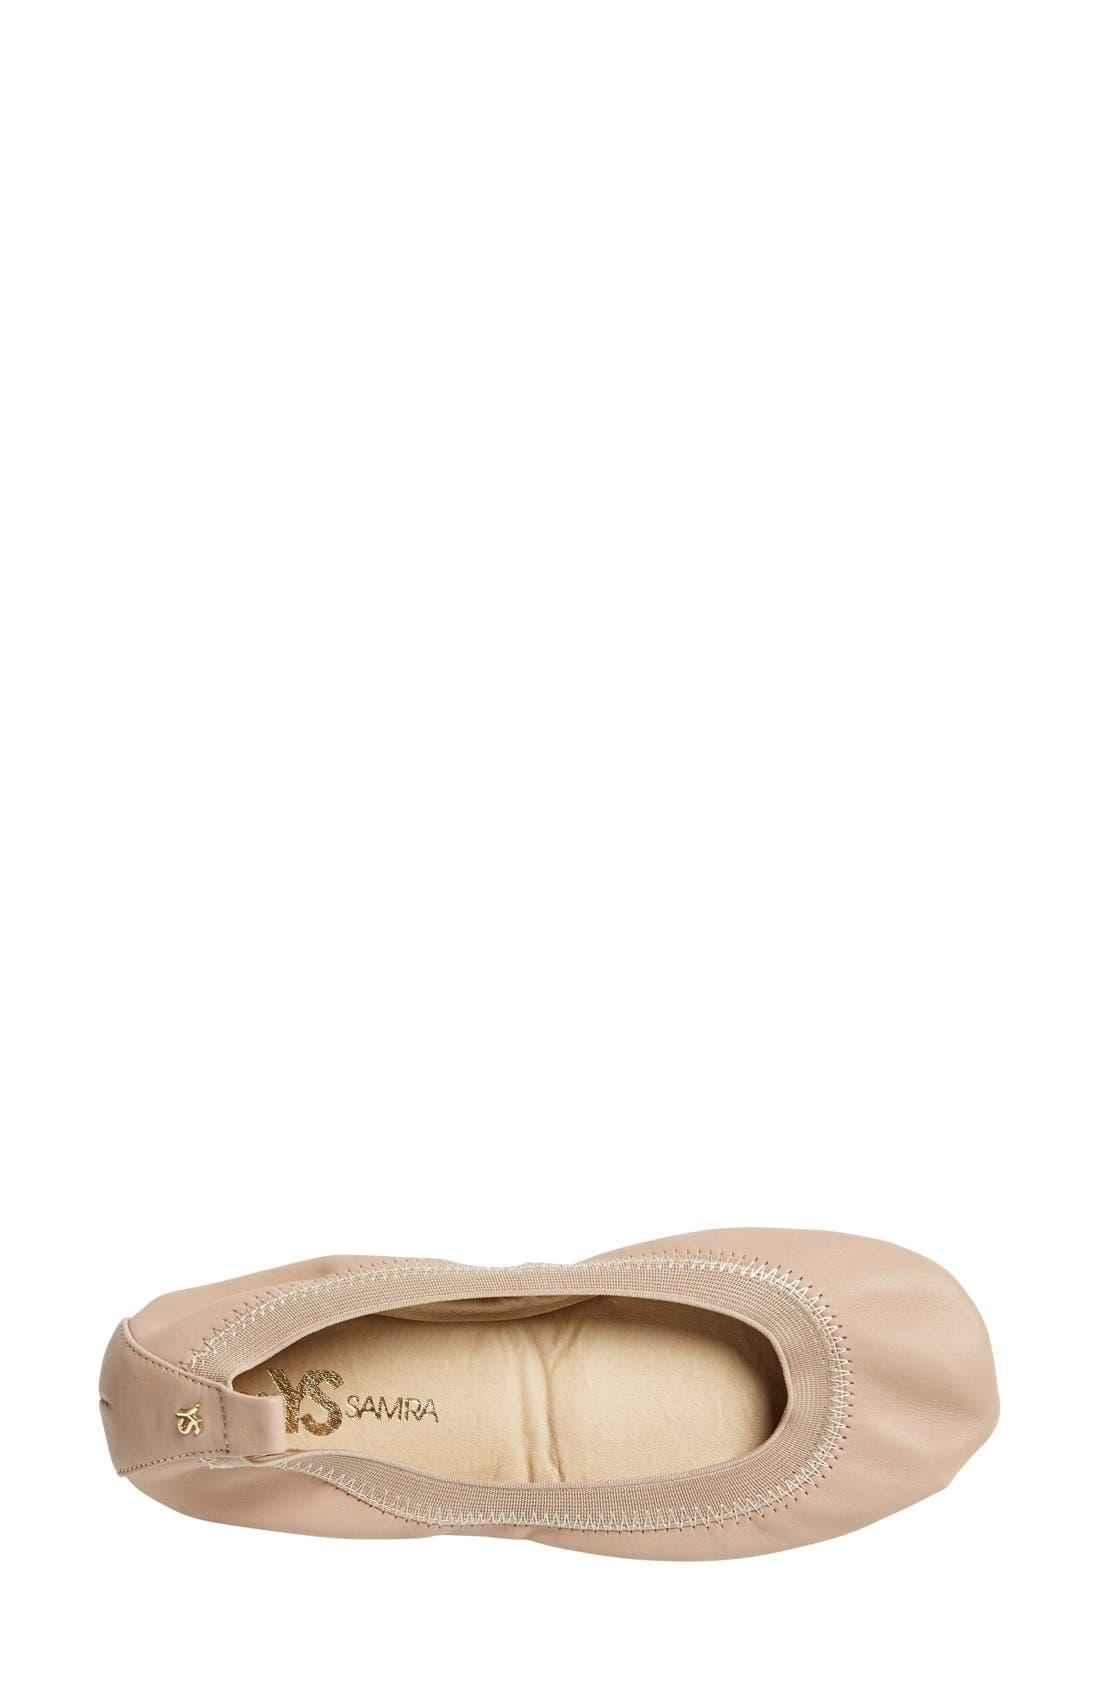 Alternate Image 3  - Yosi Samra 'Samara' Foldable Ballet Flat (Women)